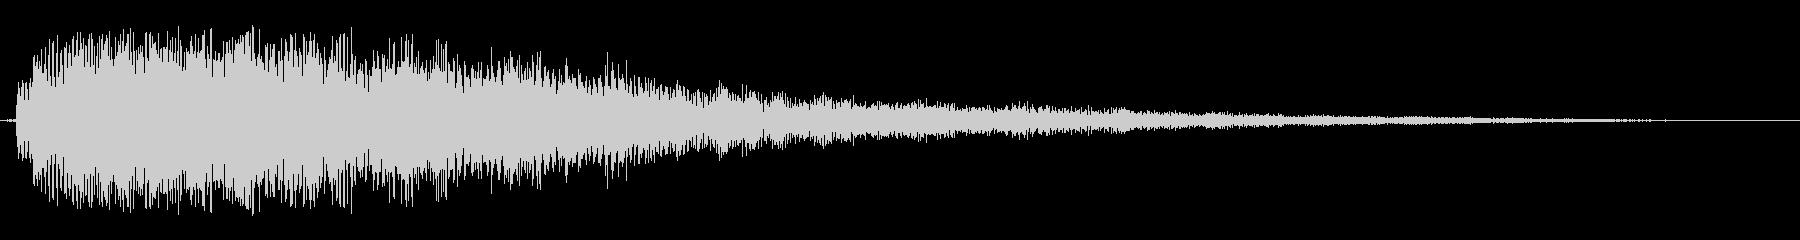 キュワァーン(魔法をかける時の効果音)の未再生の波形